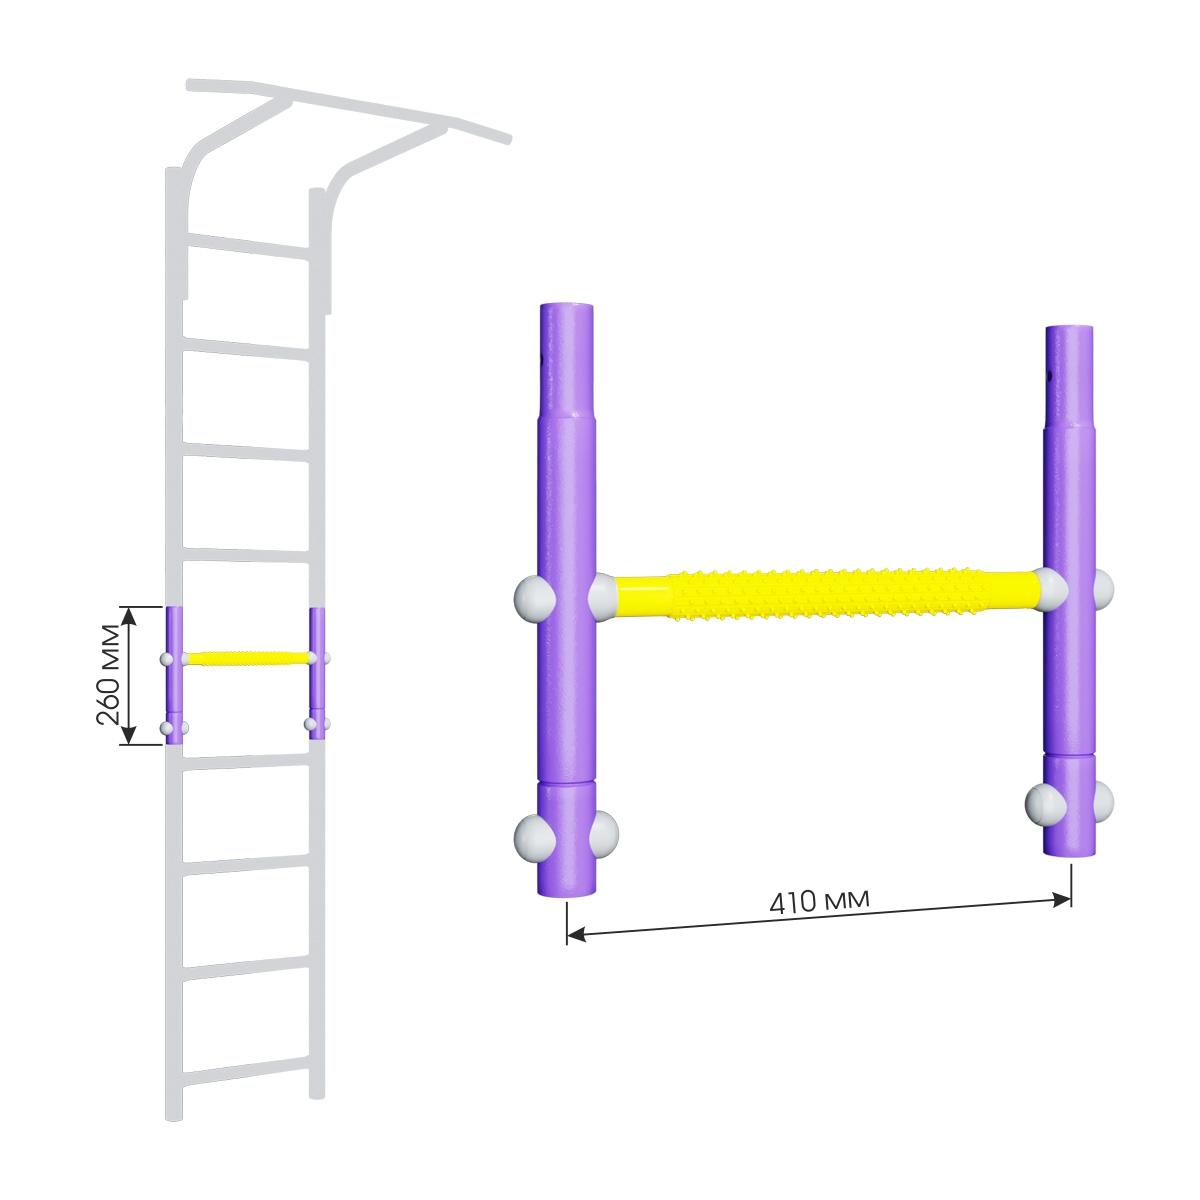 Вставка для увеличения высоты ДСКМ 410 Romana Dop8 (6.06.00) сиреневый/жёлтый